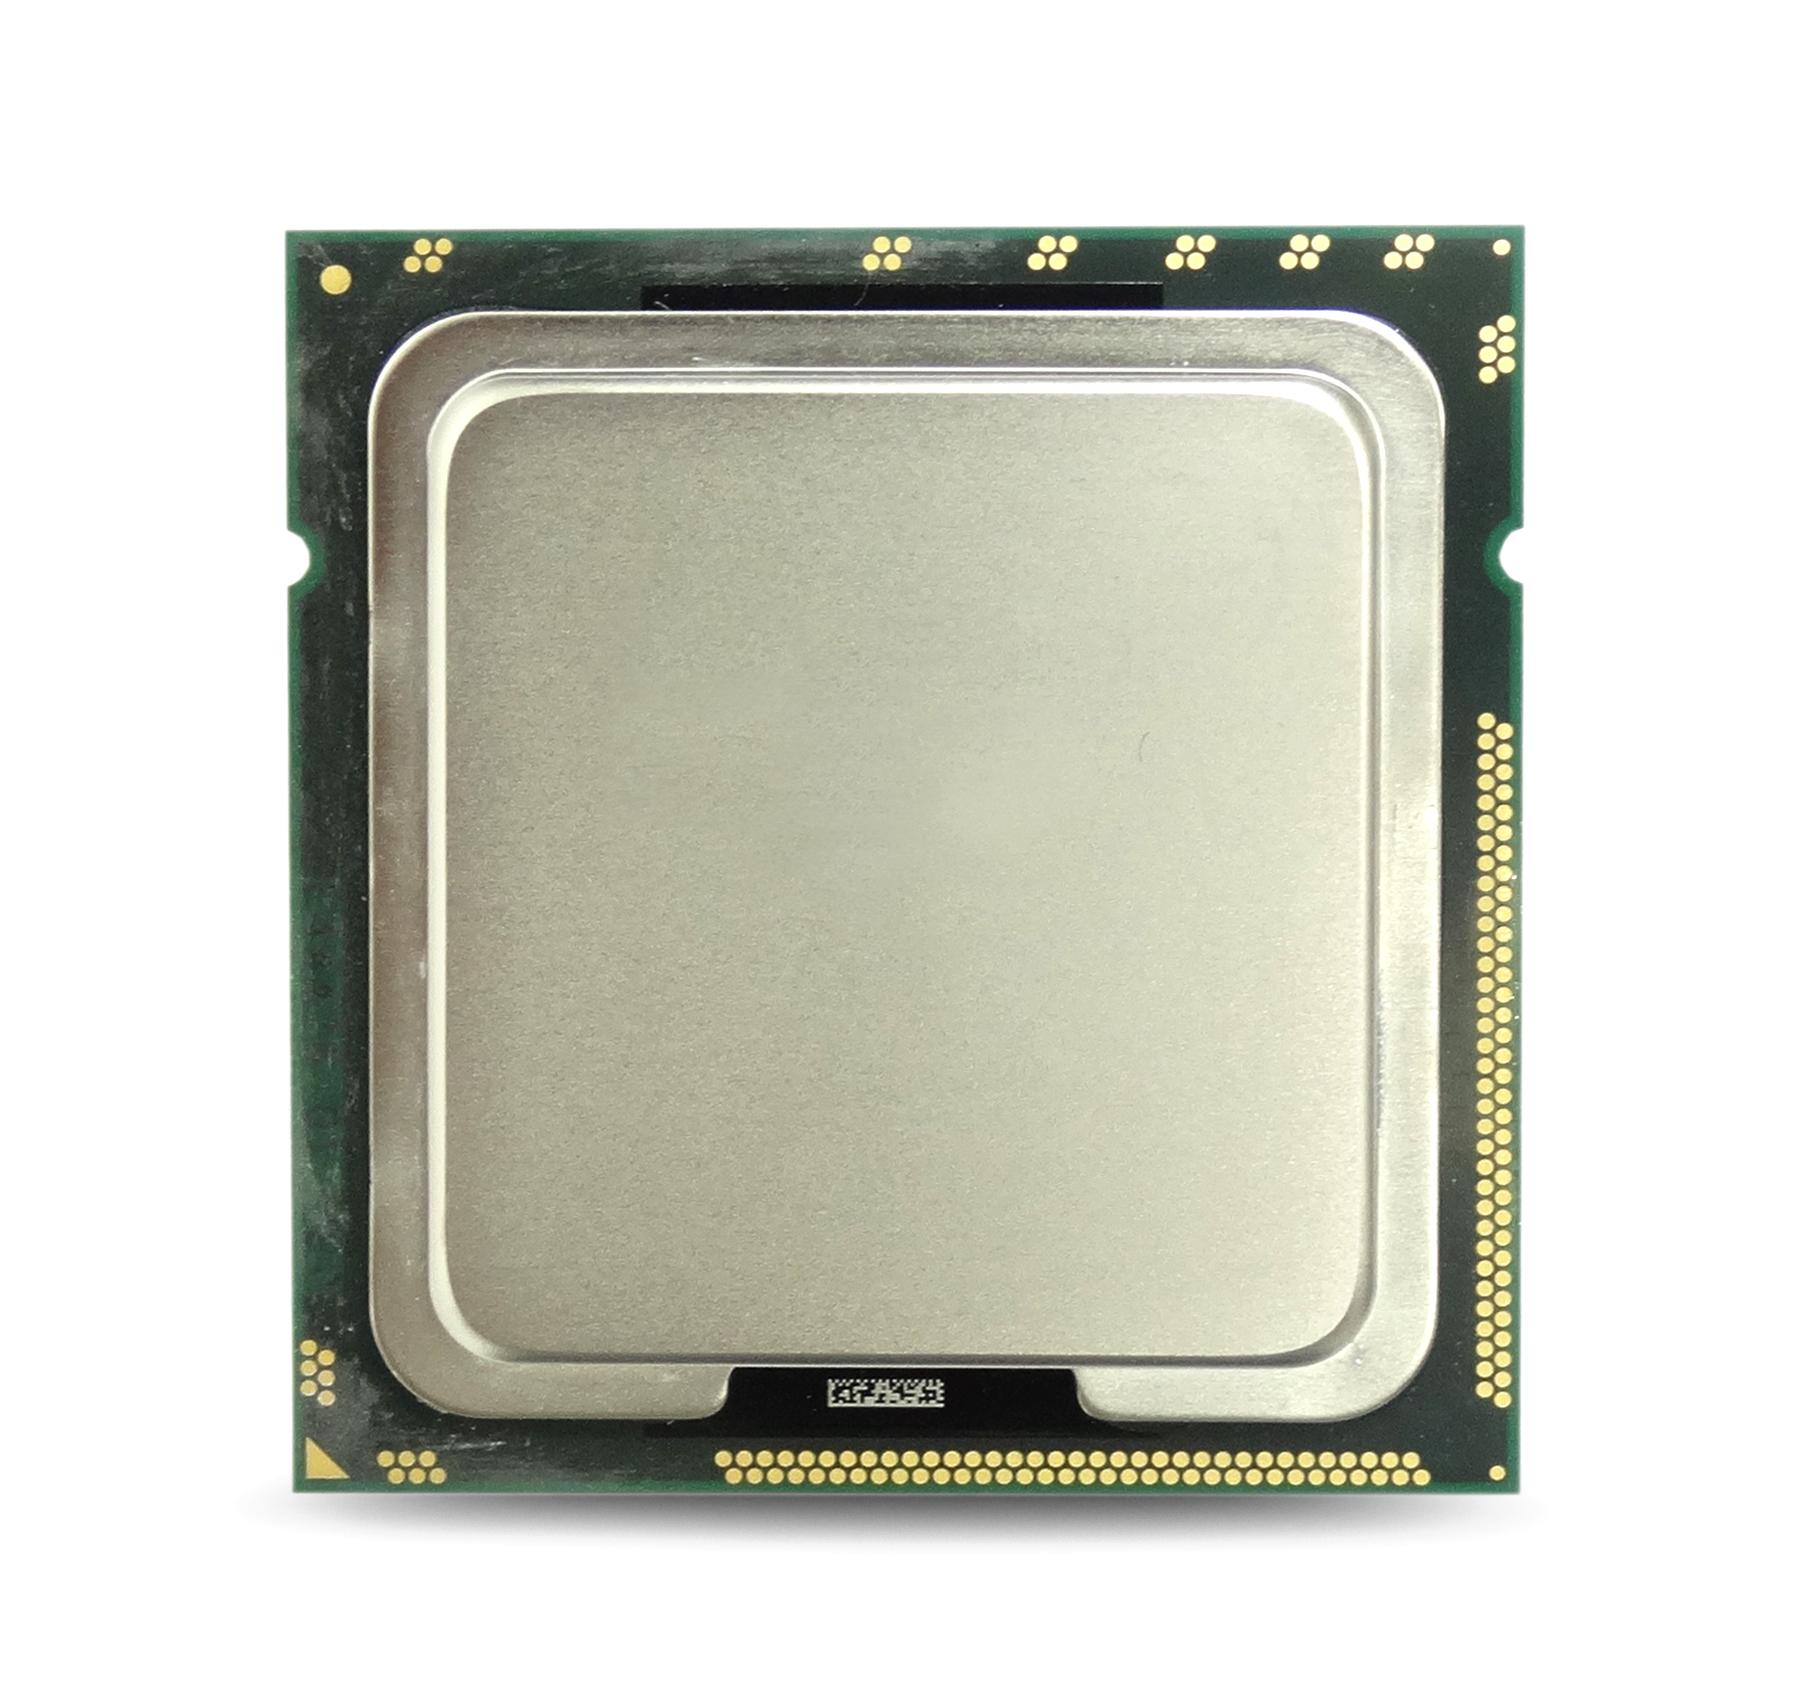 Pentium D 830 3.0Ghz 800FSB 2MB 775 Pin PLGA Processor (SL88S)